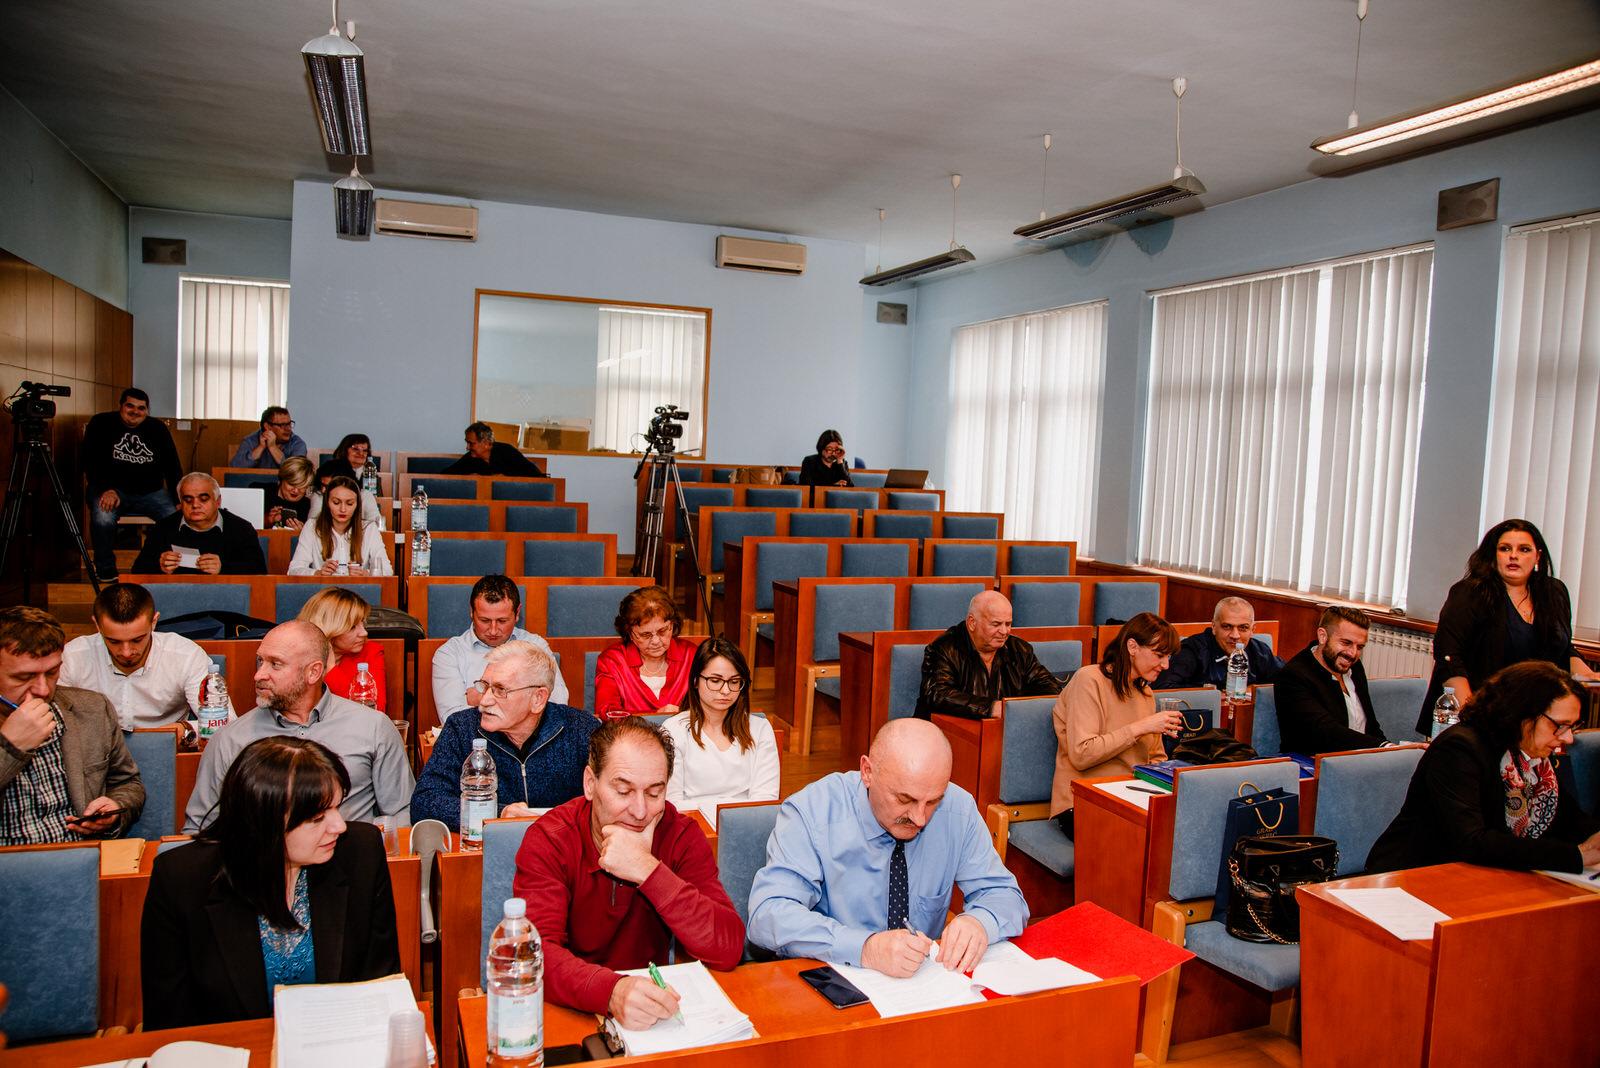 likaclub_27-sjednica-gradskog-vijeća_proračun_2019-1